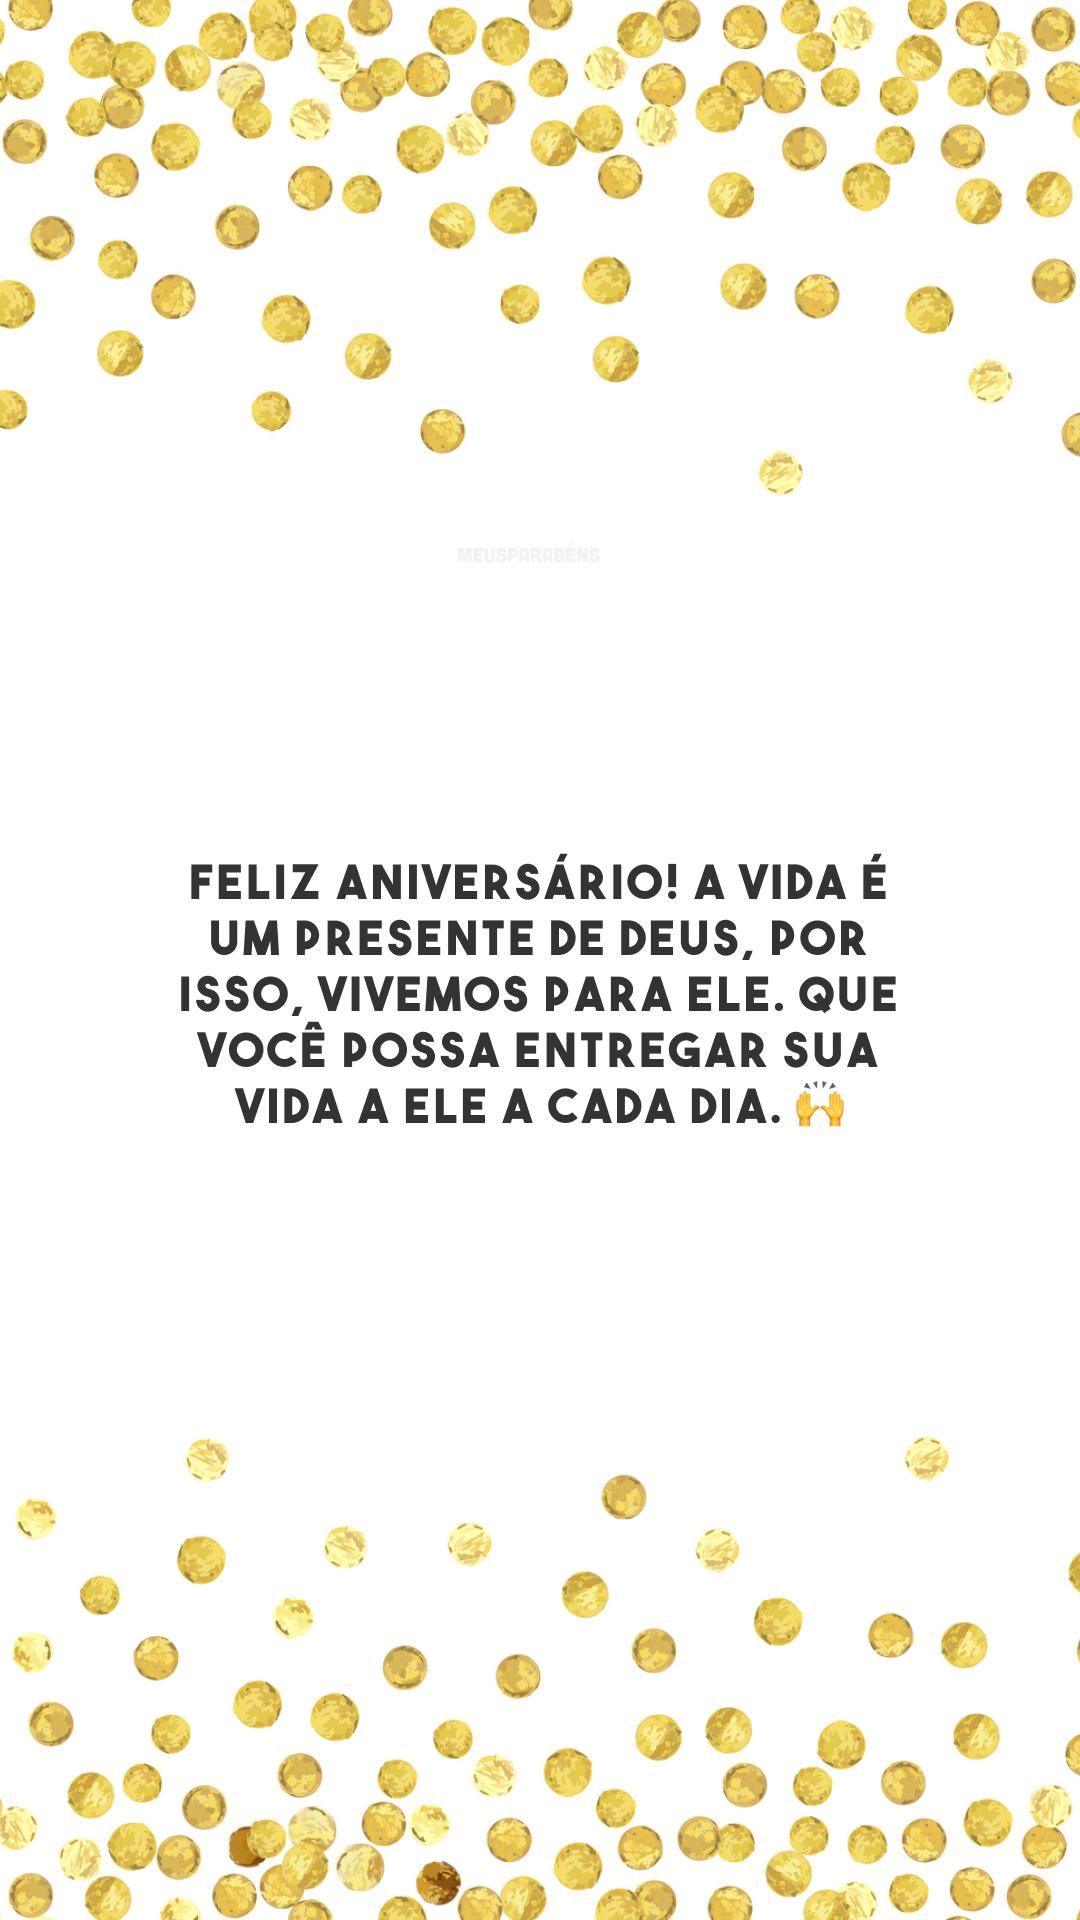 Feliz aniversário! A vida é um presente de Deus, por isso, vivemos para Ele. Que você possa entregar sua vida a Ele a cada dia. 🙌